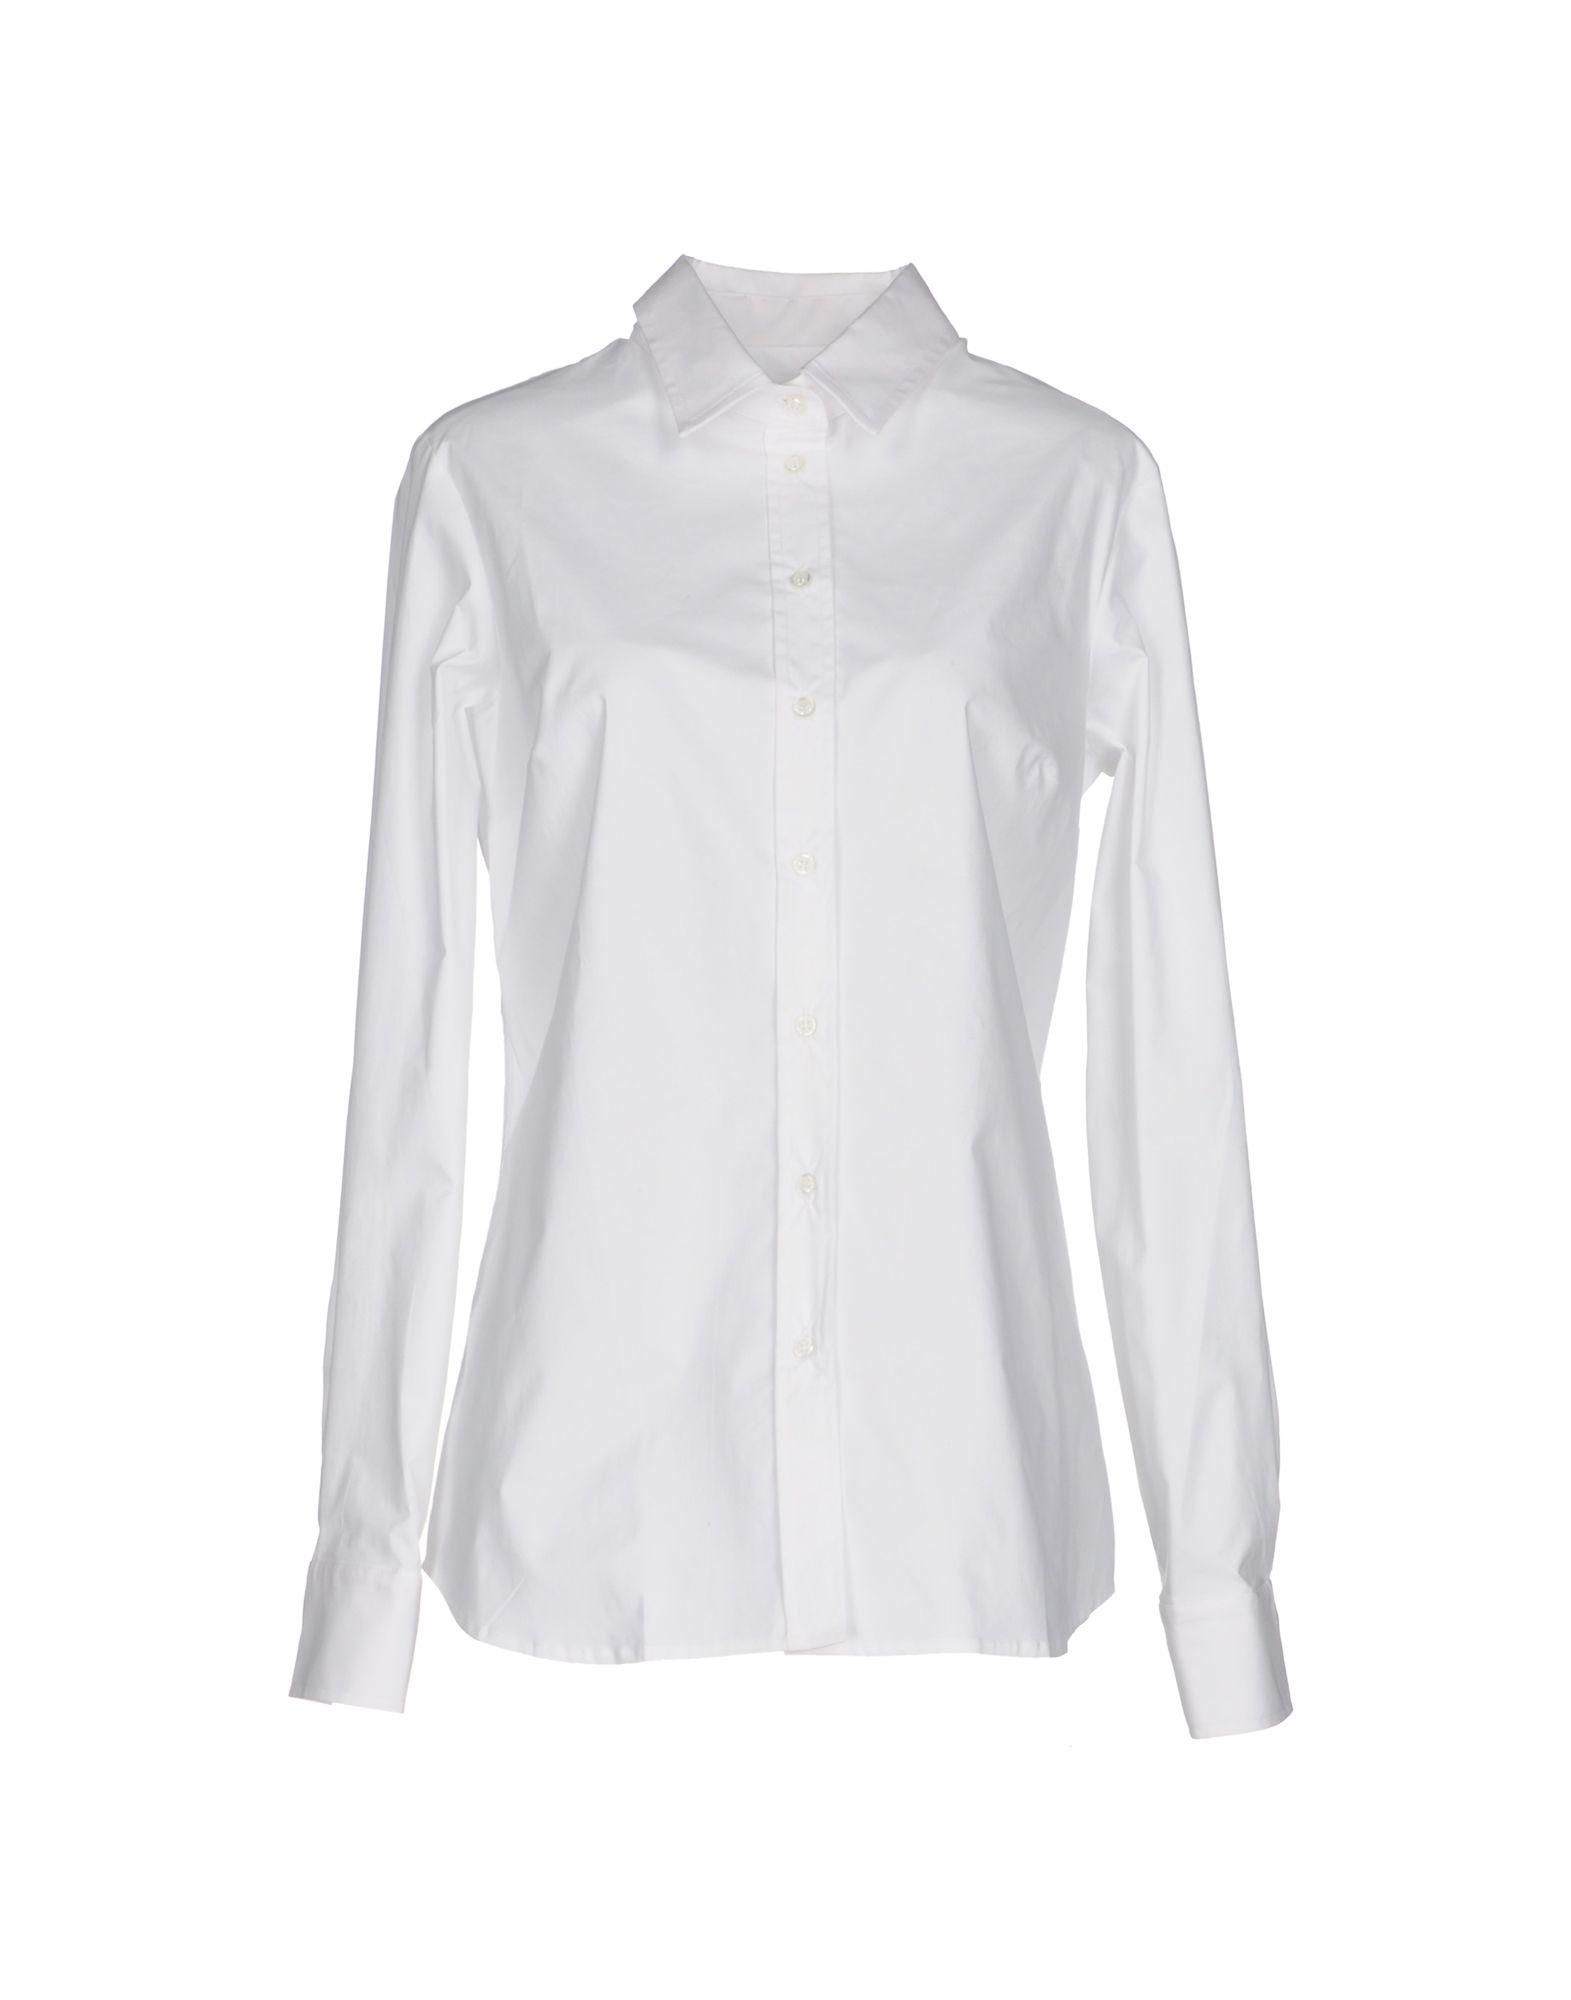 купить HOPE COLLECTION Pубашка по цене 3900 рублей